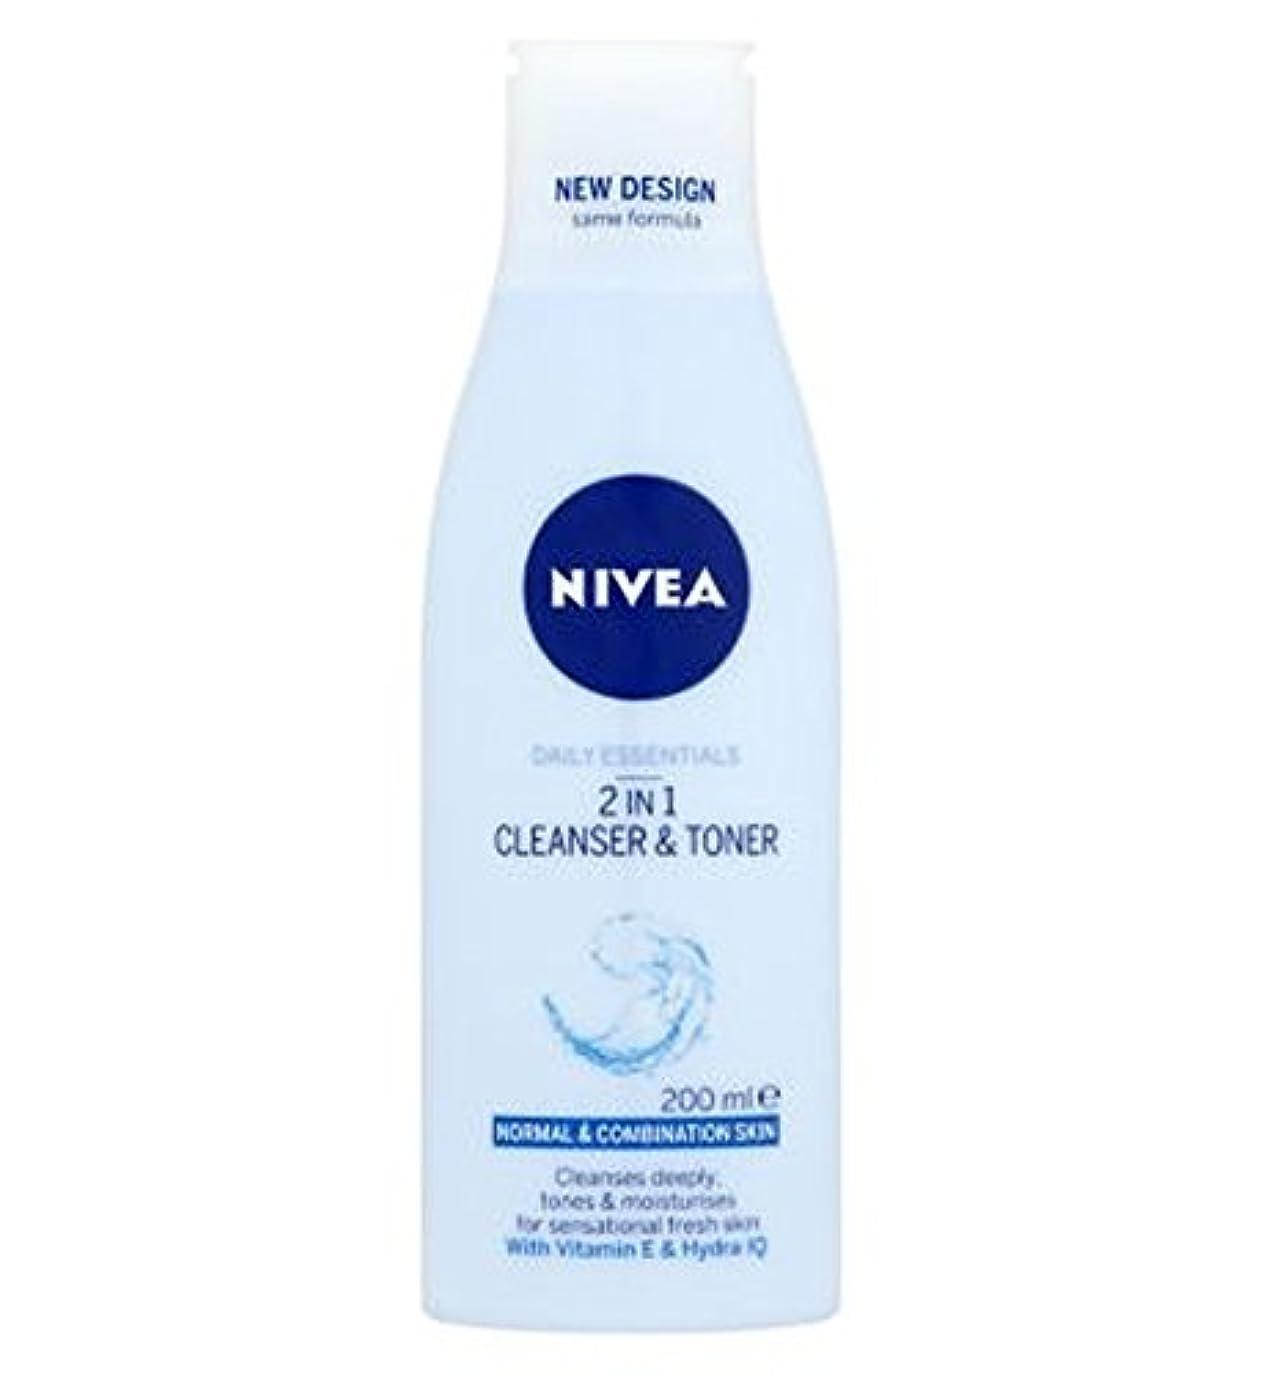 電話するチャンピオンシップ息子Nivea Daily Essentials 2 in 1 Cleanser and Toner 200ml - ニベア生活必需品2 1クレンザーとトナー200ミリリットルで (Nivea) [並行輸入品]